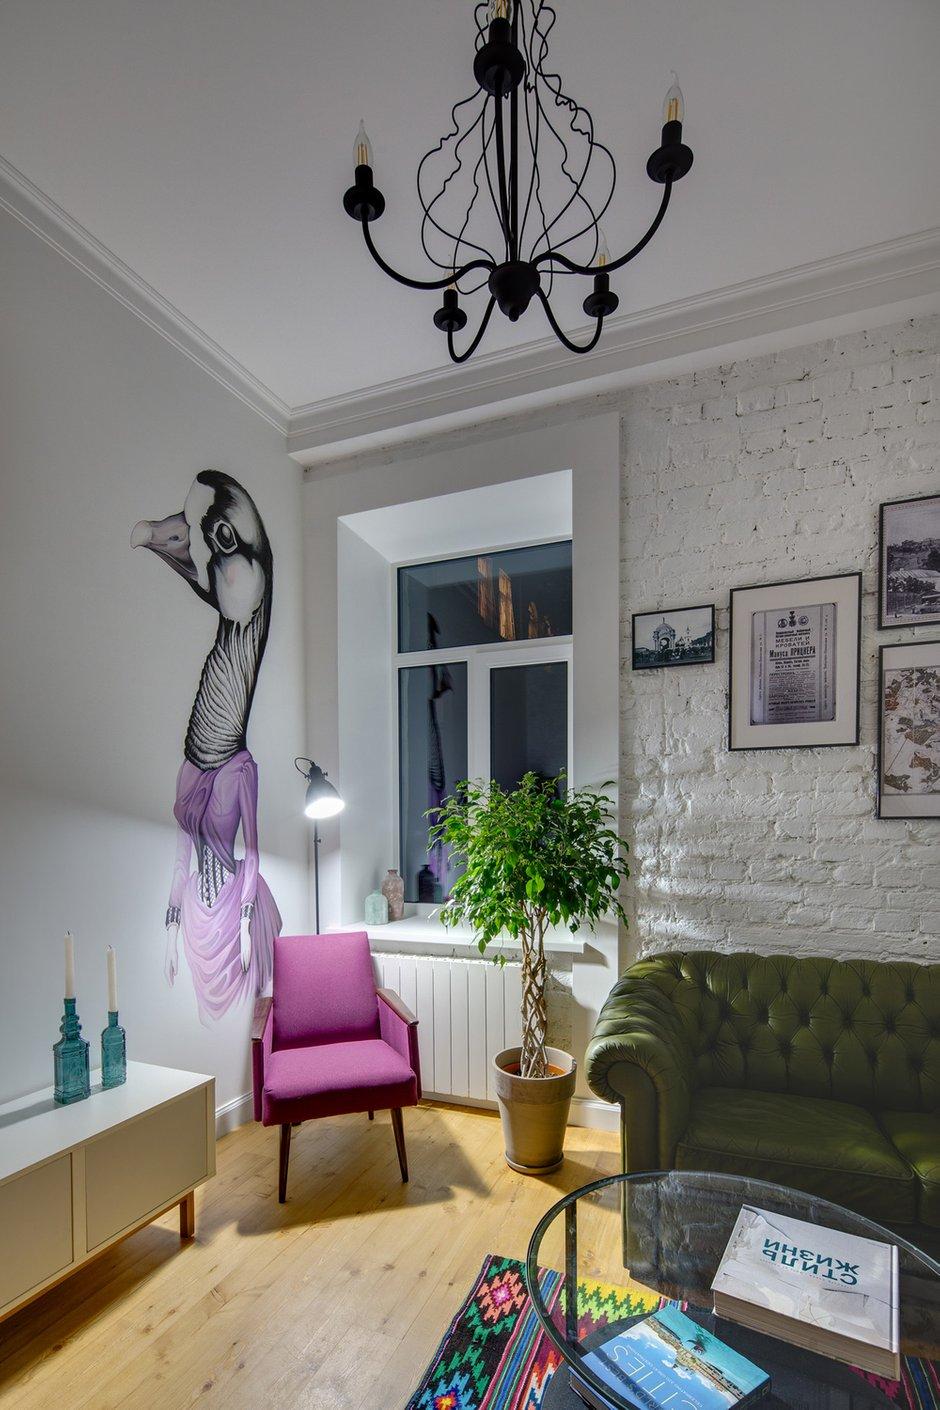 Фотография: Гостиная в стиле Скандинавский, Эклектика, Малогабаритная квартира, Квартира, Проект недели, Киев, Старый фонд, Кирпичный дом, Майя Баклан, 2 комнаты, 40-60 метров – фото на INMYROOM